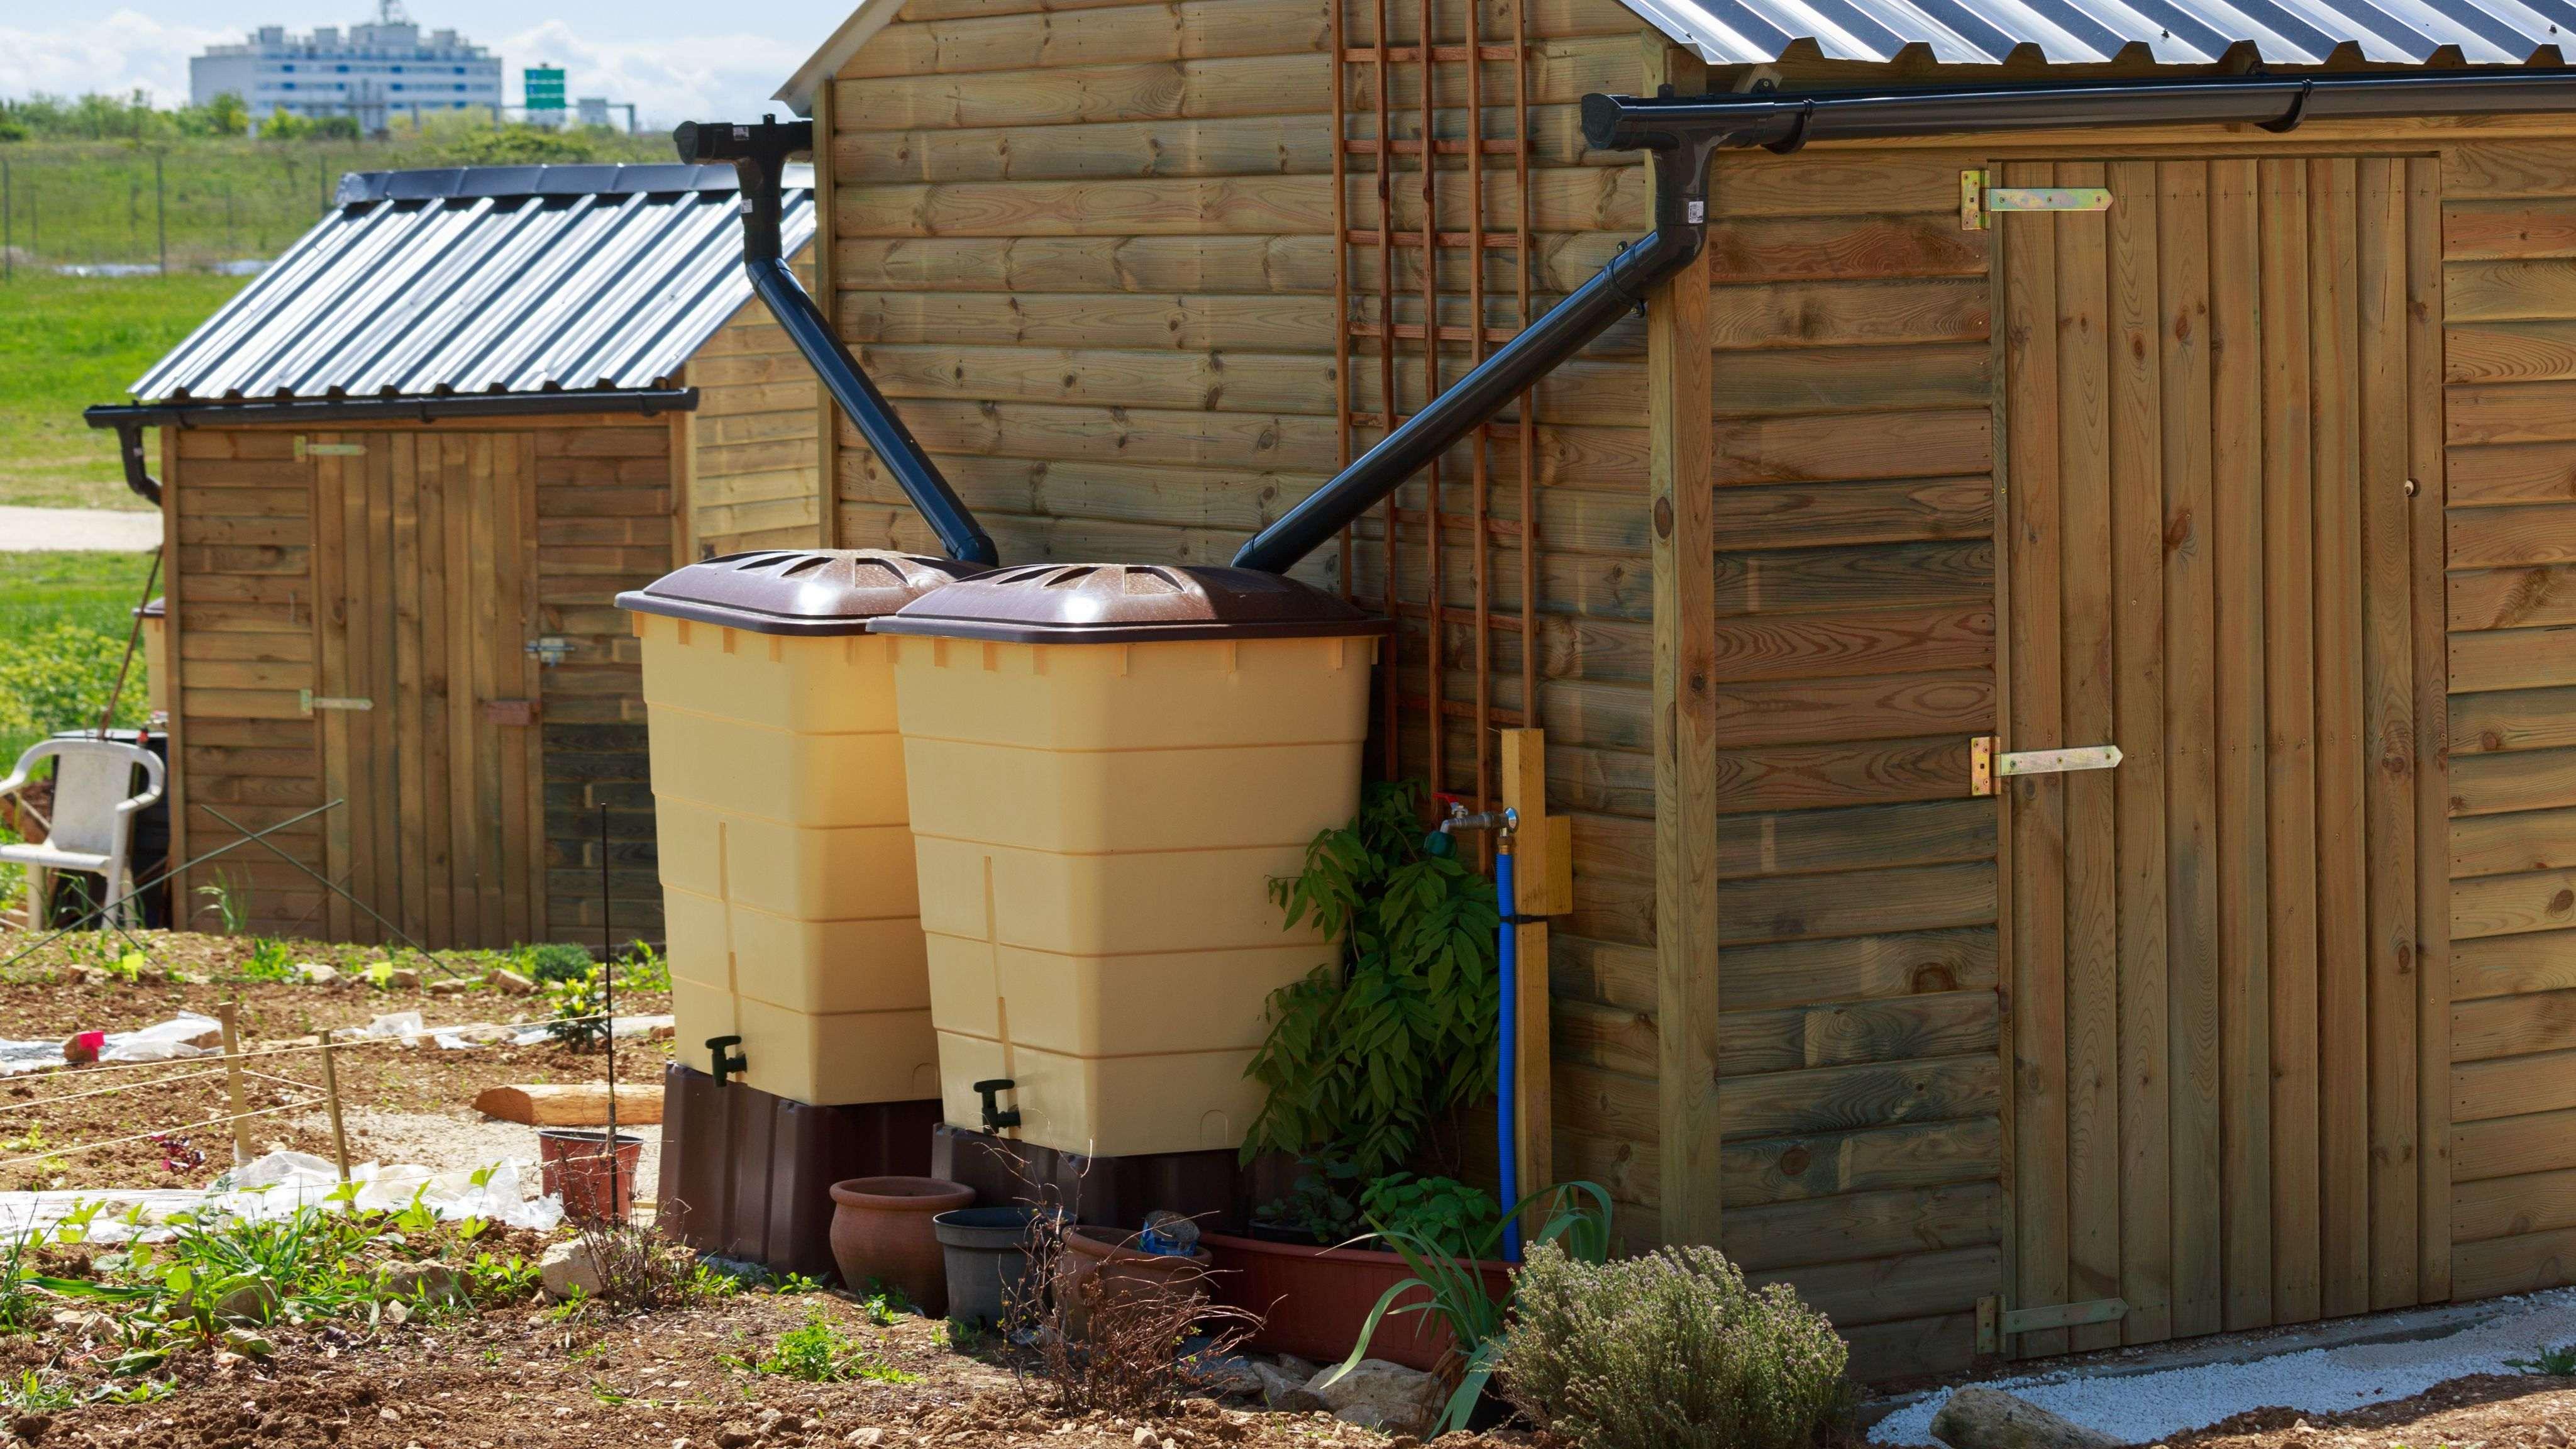 Come scegliere un sistema di recupero dell'acqua piovana